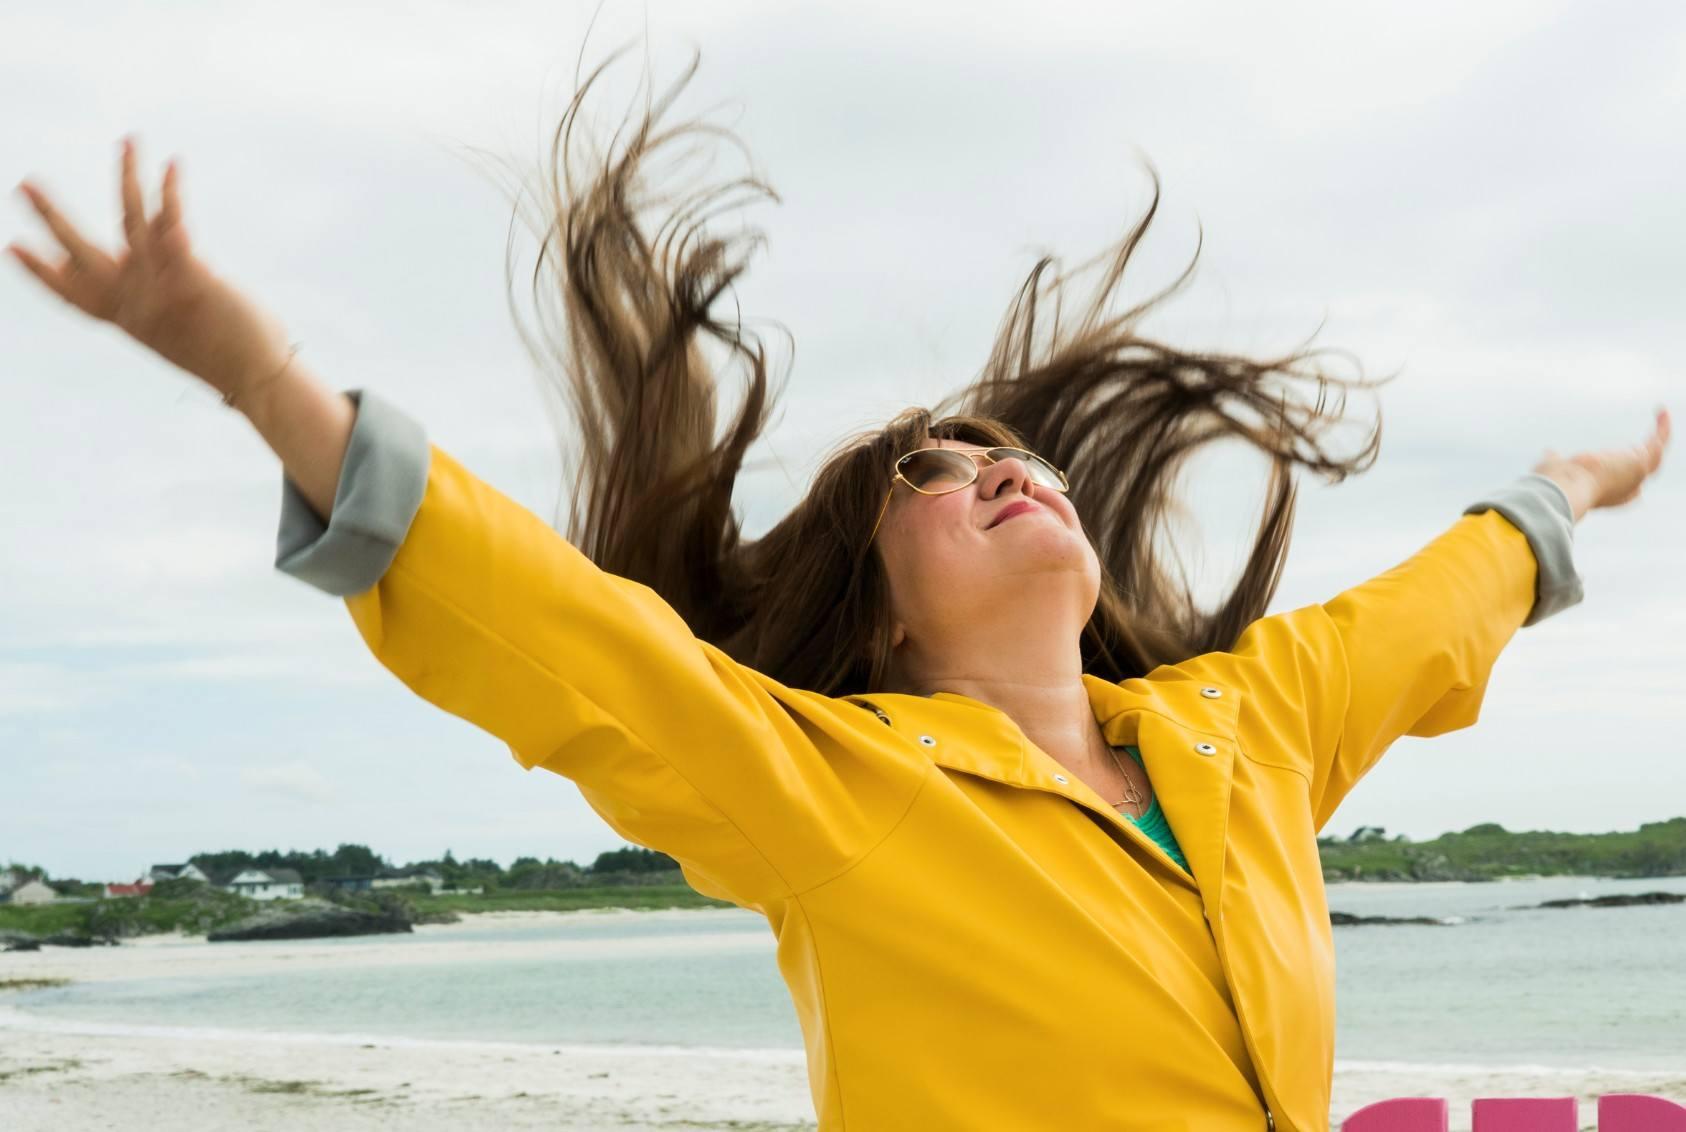 Silje er kledd i gul regnjakke og danser på stranden. Håret flagrer i vinden.